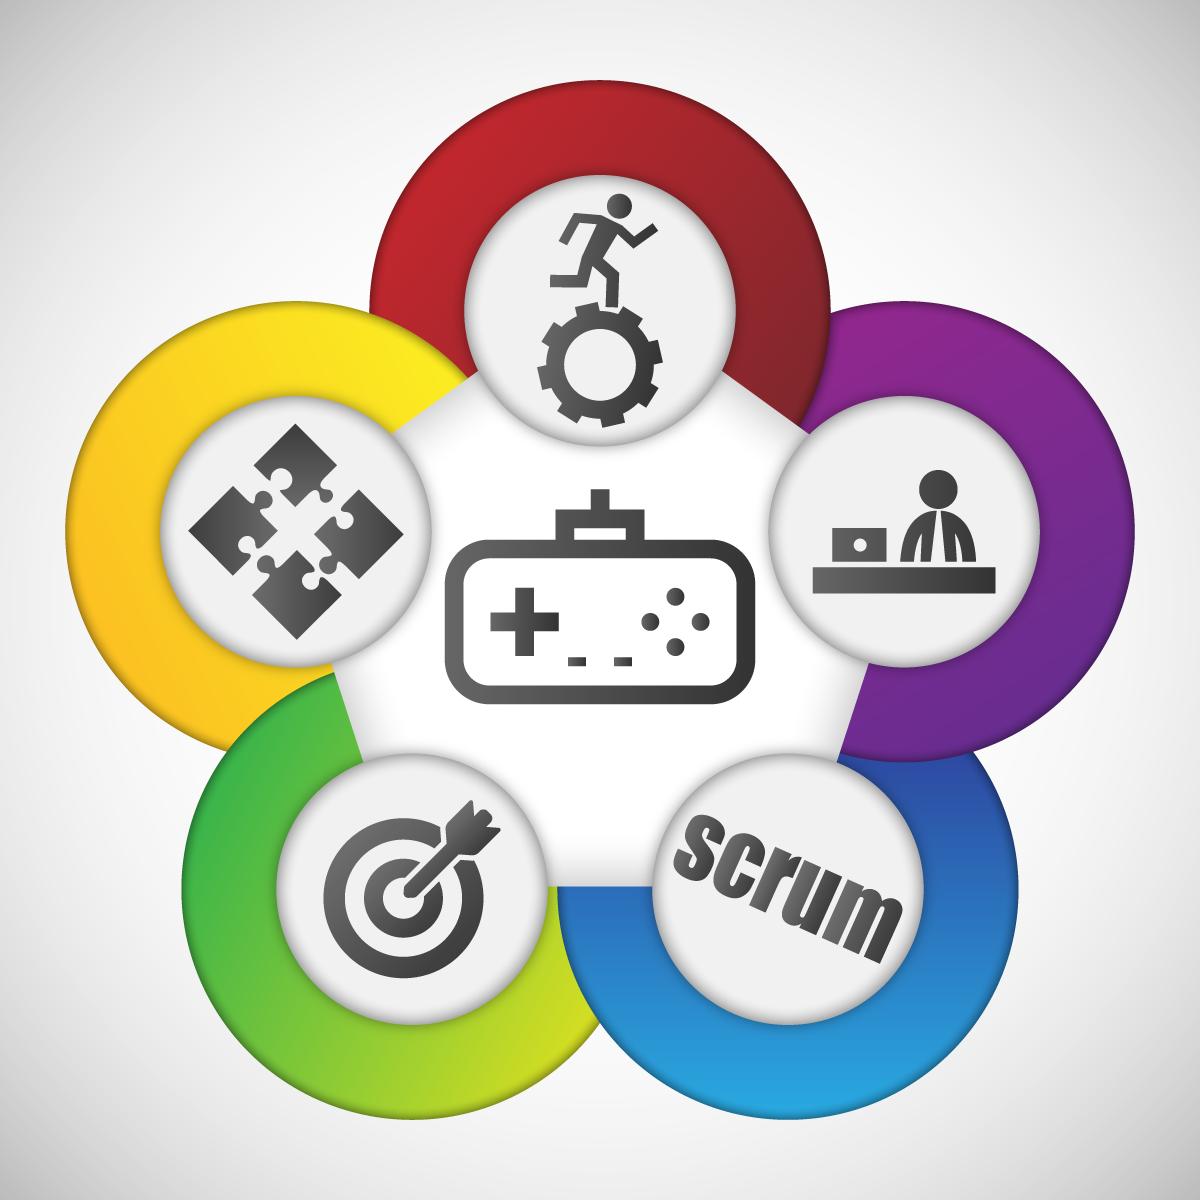 Gestionando con Agilidad - SCRUM MANAGER - En Streaming